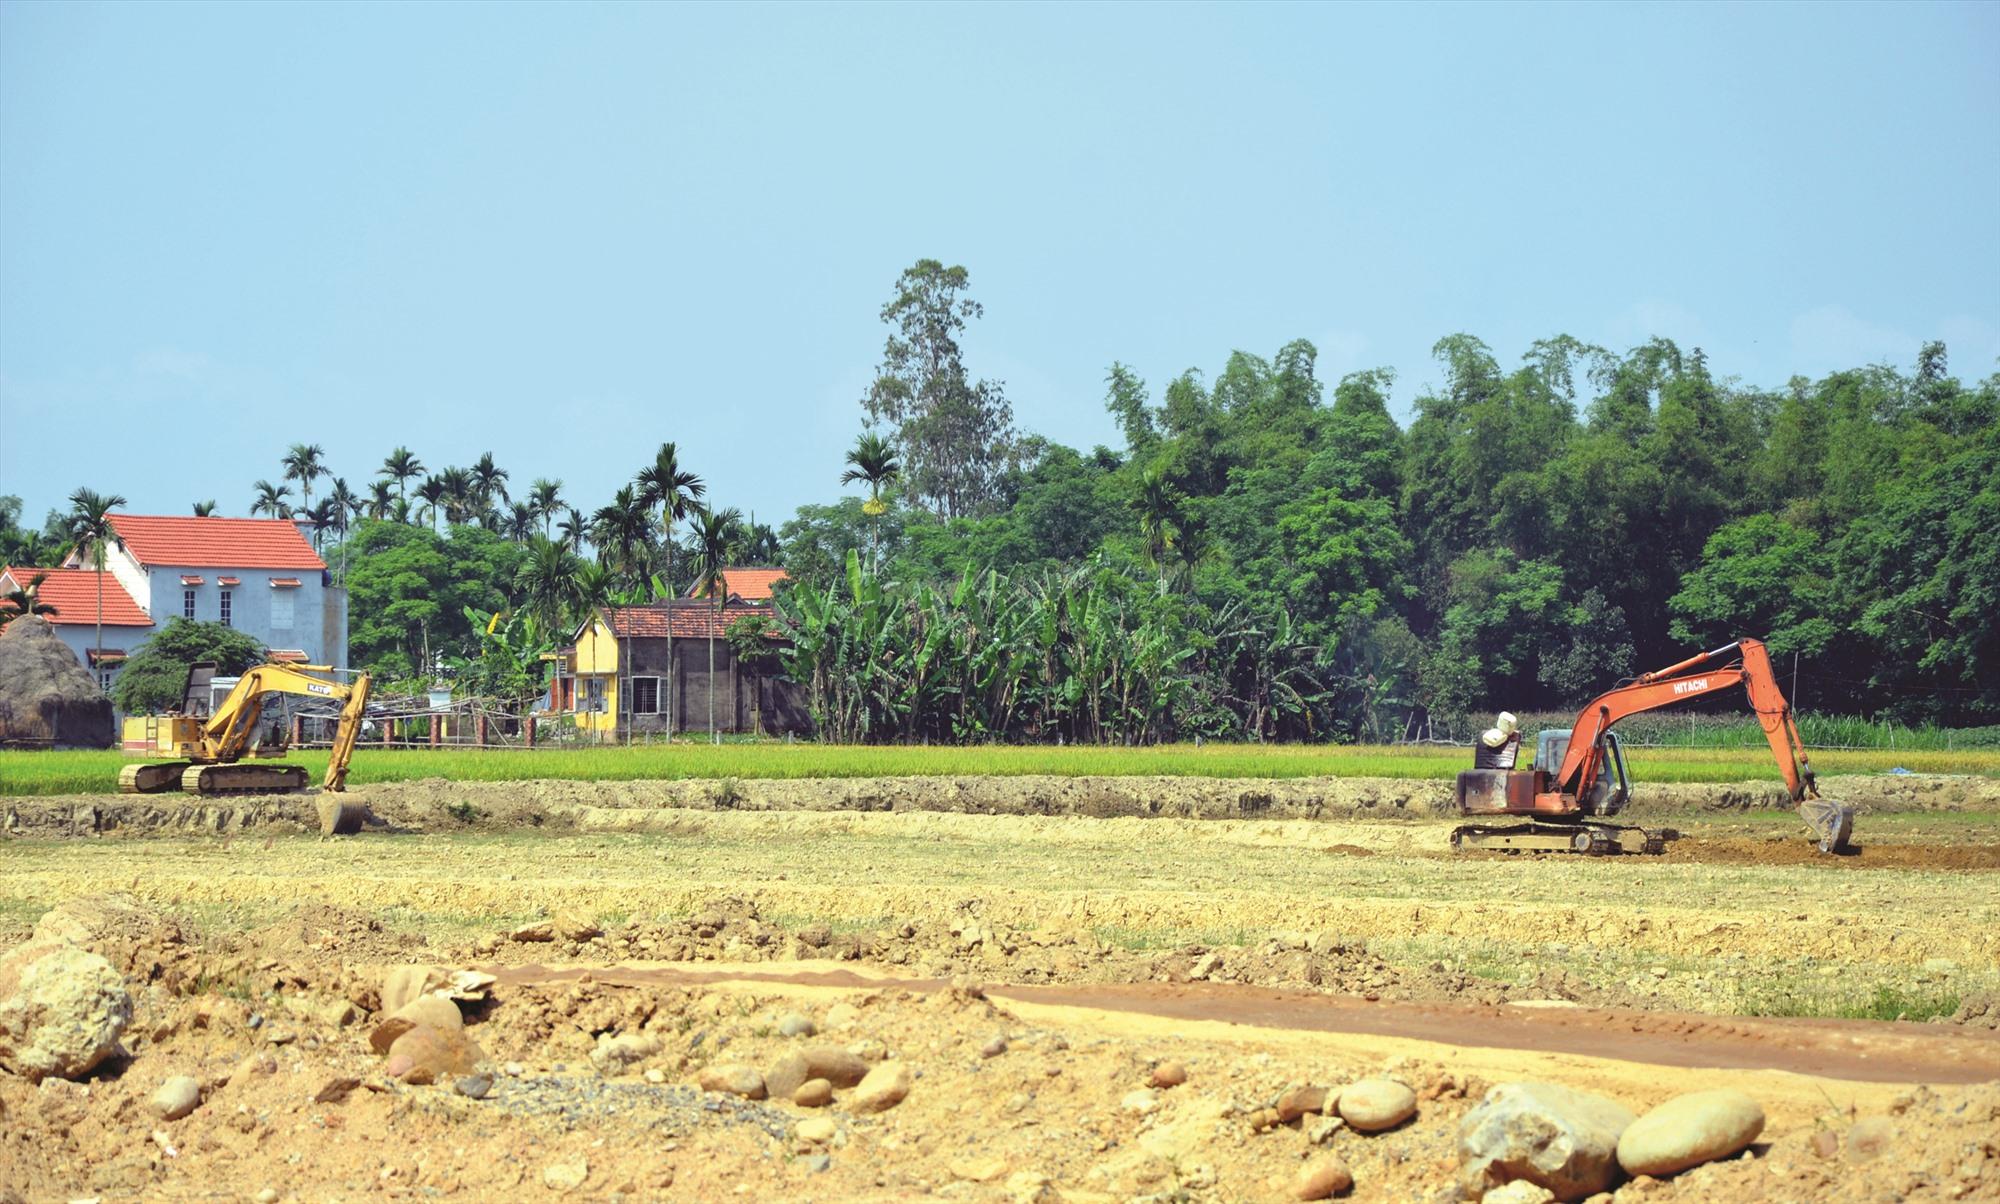 Các dự án thu hồi đất lúa đã được HĐND các cấp xem xét cẩn thận trước khi quyết định cho đầu tư. Ảnh: H.P